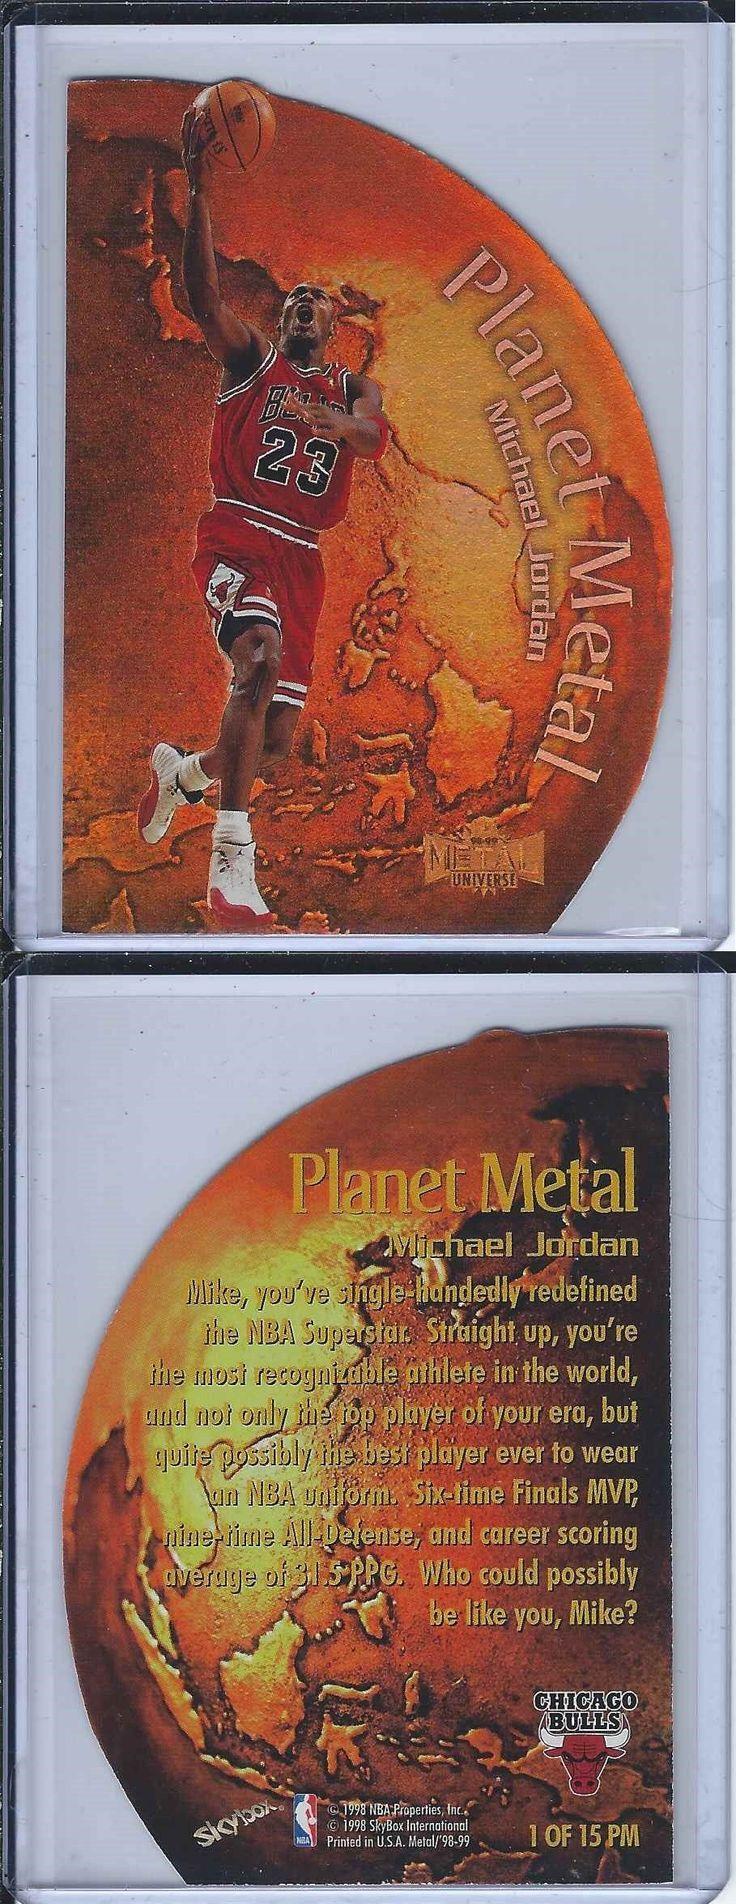 Basketball Cards 214: 1998-99 Fleer Metal Michael Jordan Planet Metal Die-Cut 90 S Insert Bulls Beauty -> BUY IT NOW ONLY: $249.95 on eBay!